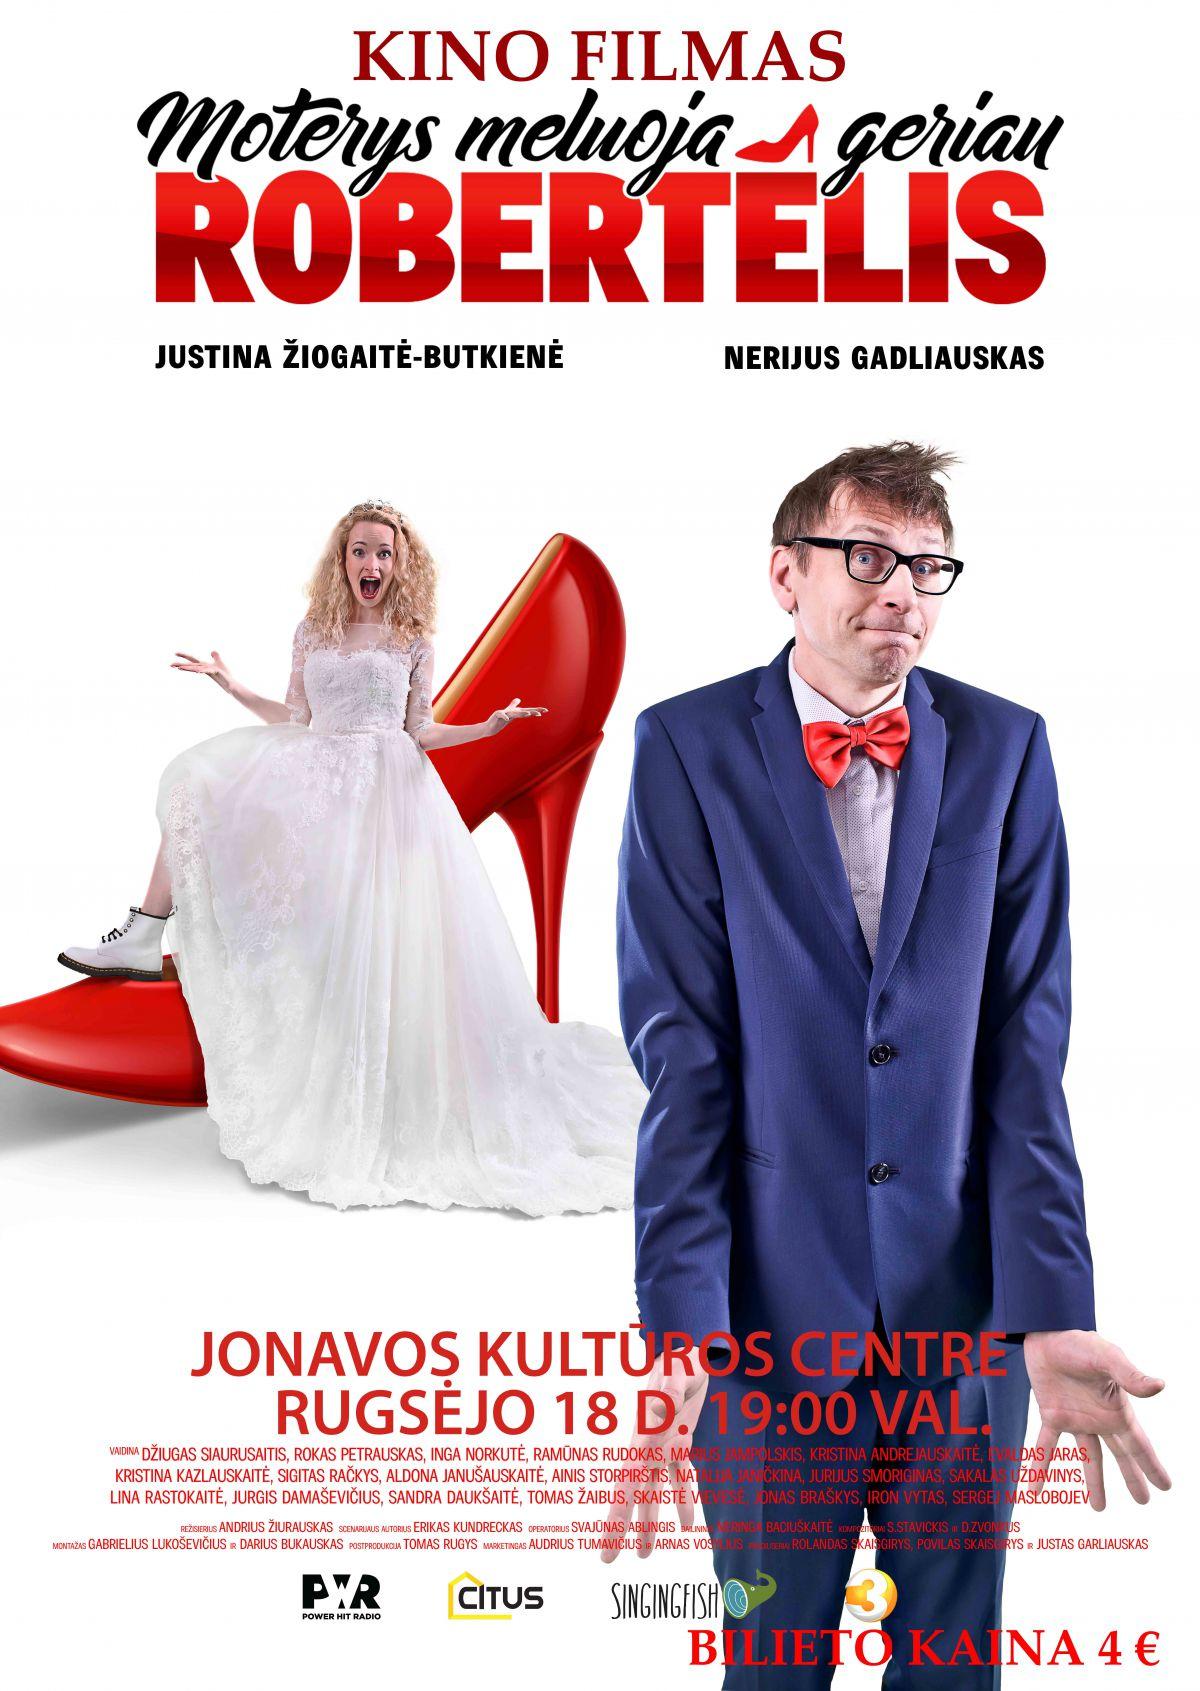 """Kino filmas """" Moterys meluoja geriau. Robertėlis""""."""